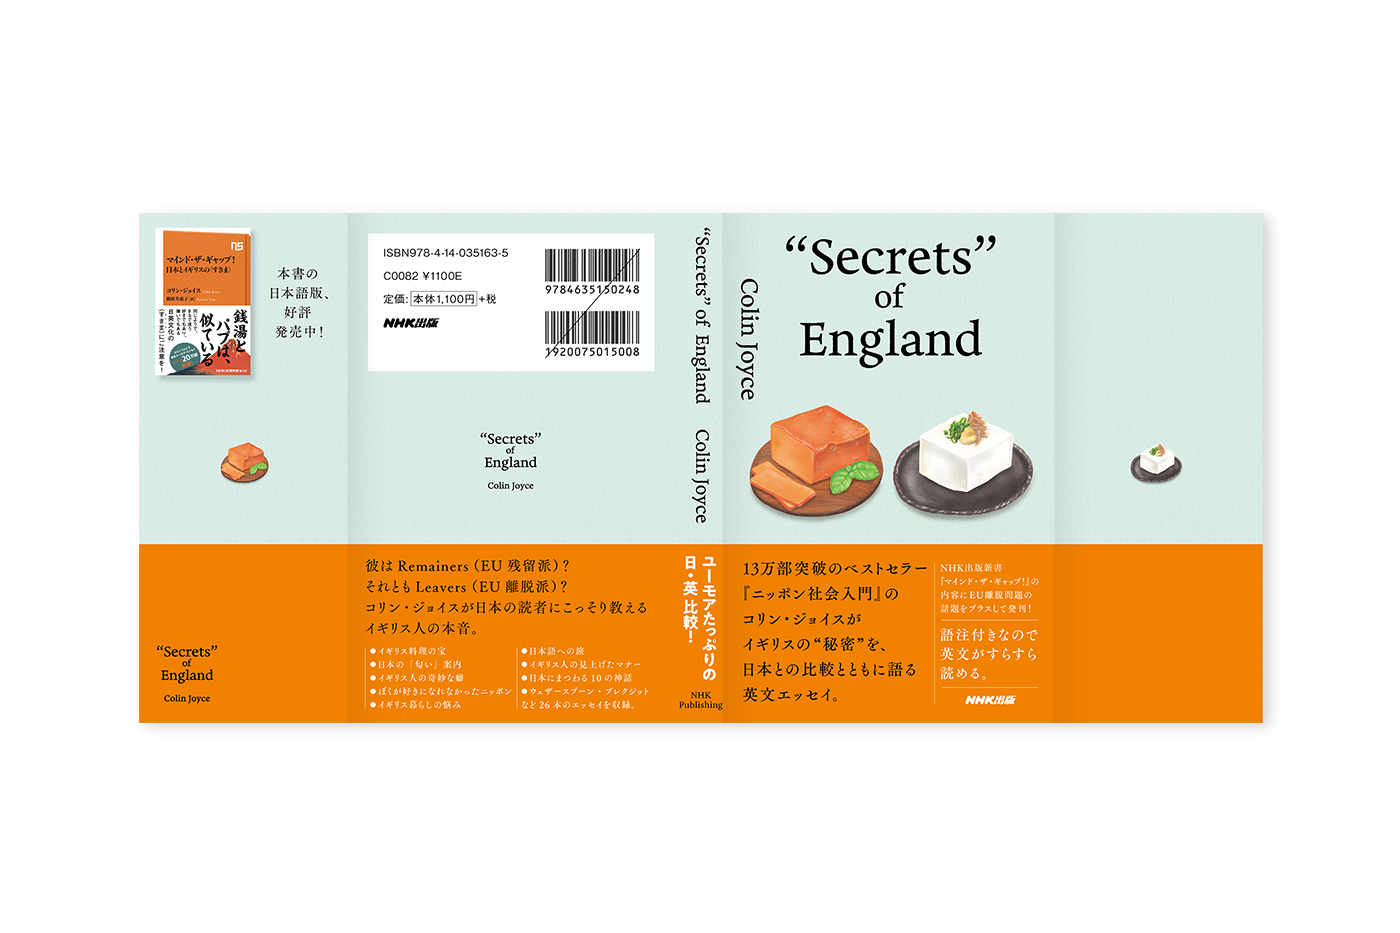 SecretofEngland_cover_obi